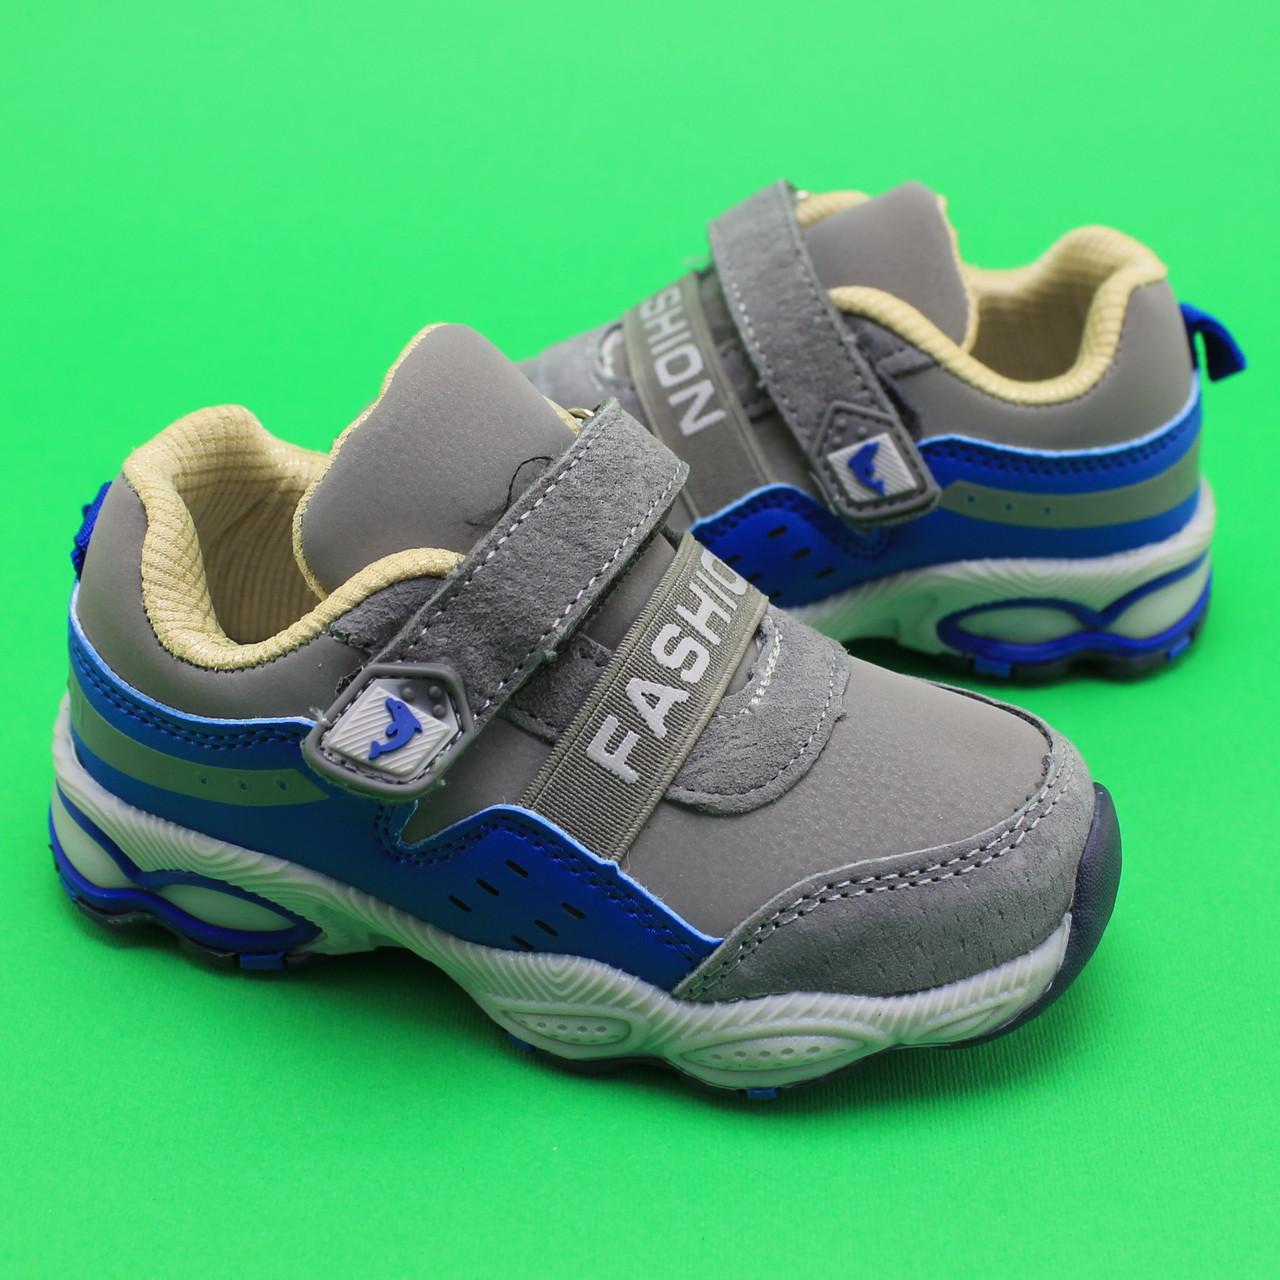 Купить Детские кроссовки на мальчика Fashion размер 20,21,22,23,25 в ... 1b06c851eea